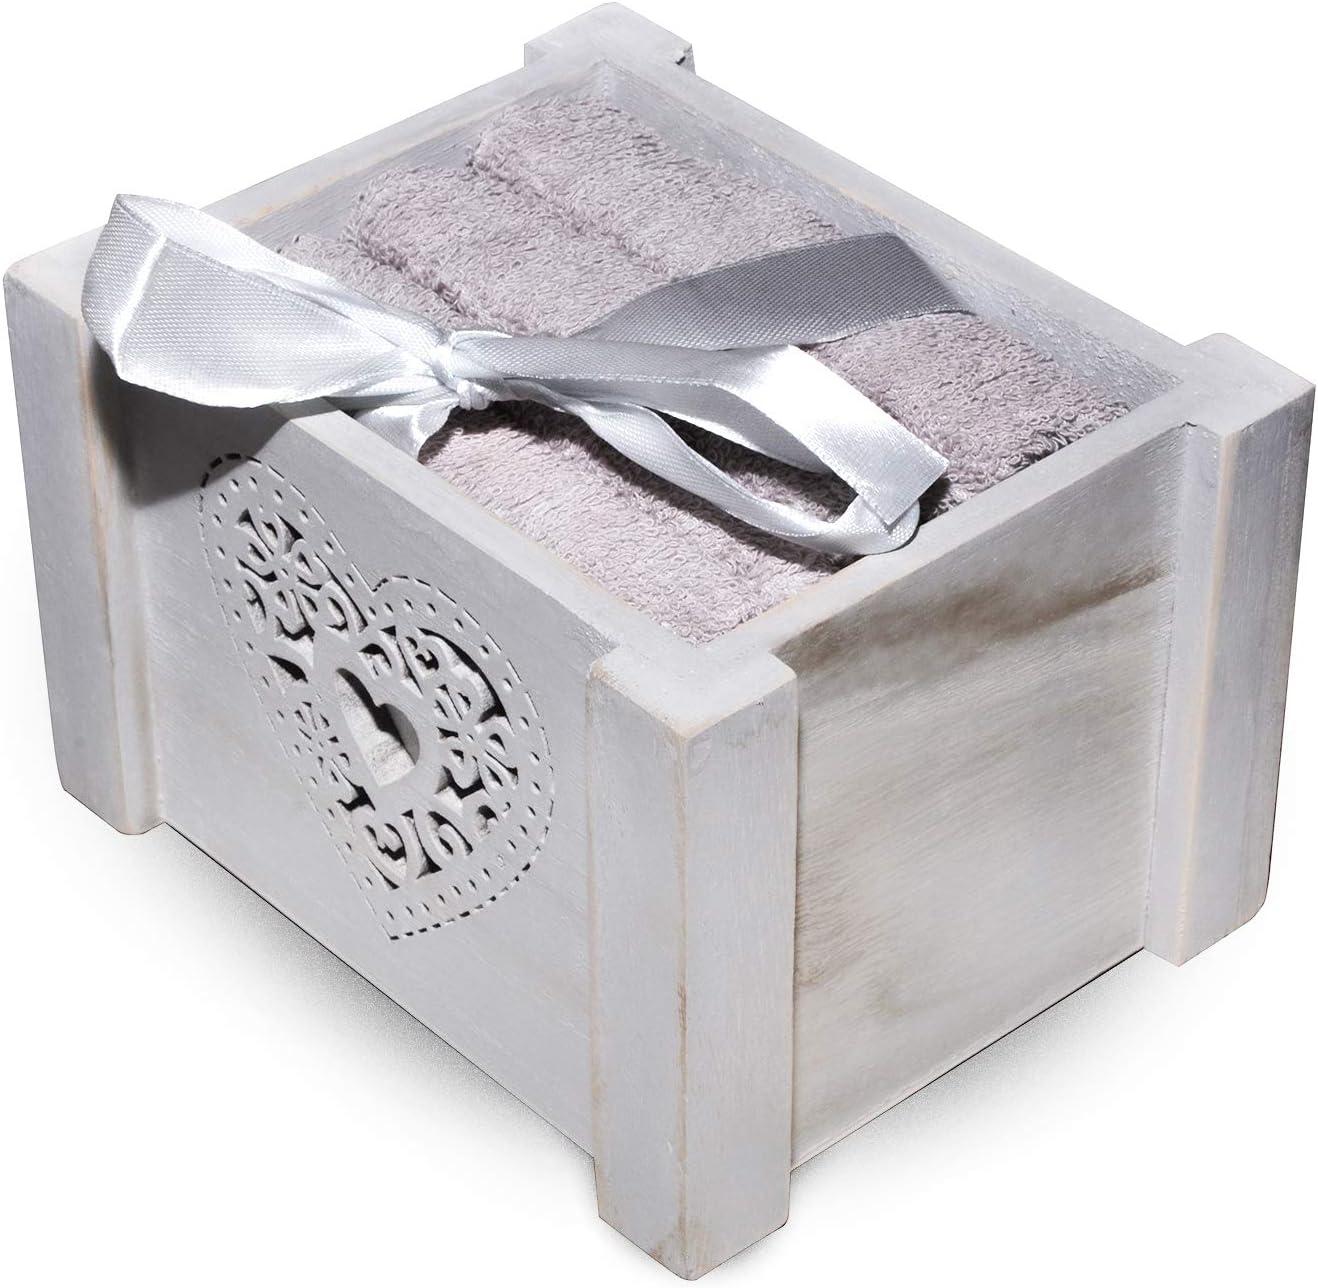 Mis.30x30 cm Lavette box2 Blanco raya Cotone Grigio Set 4 Lavette confezionate in Cofanetto di Legno